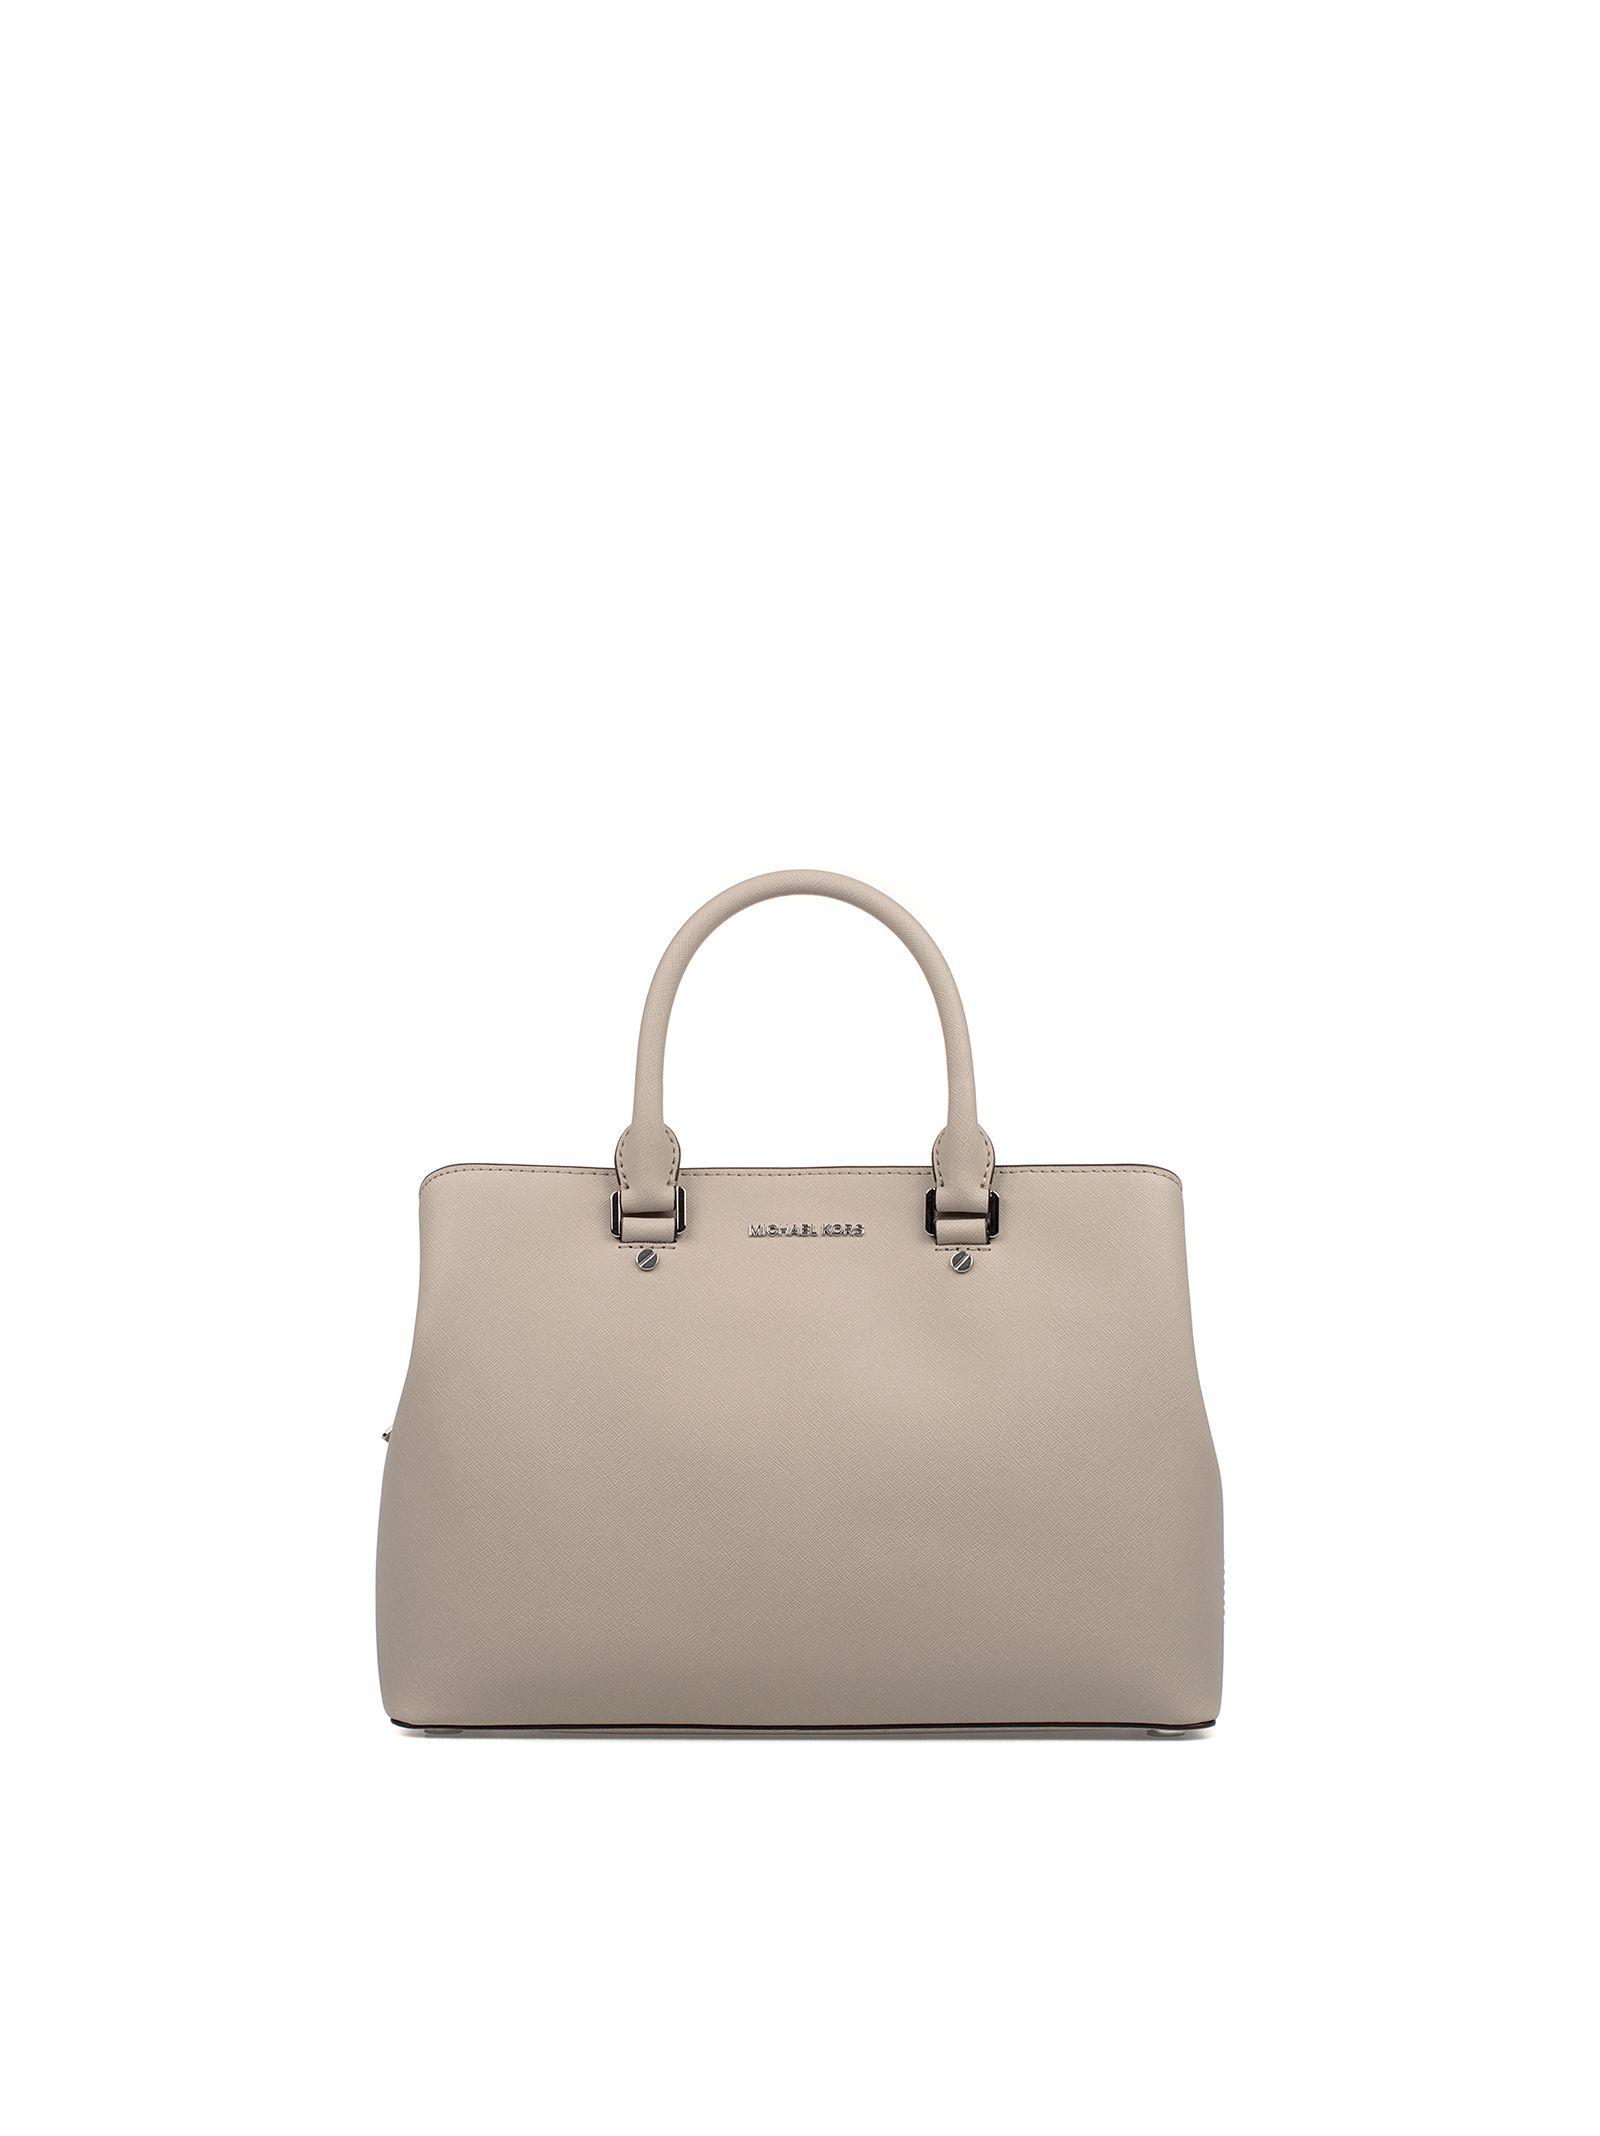 michael kors female cement savannah satchel saffiano leather large top handle bag